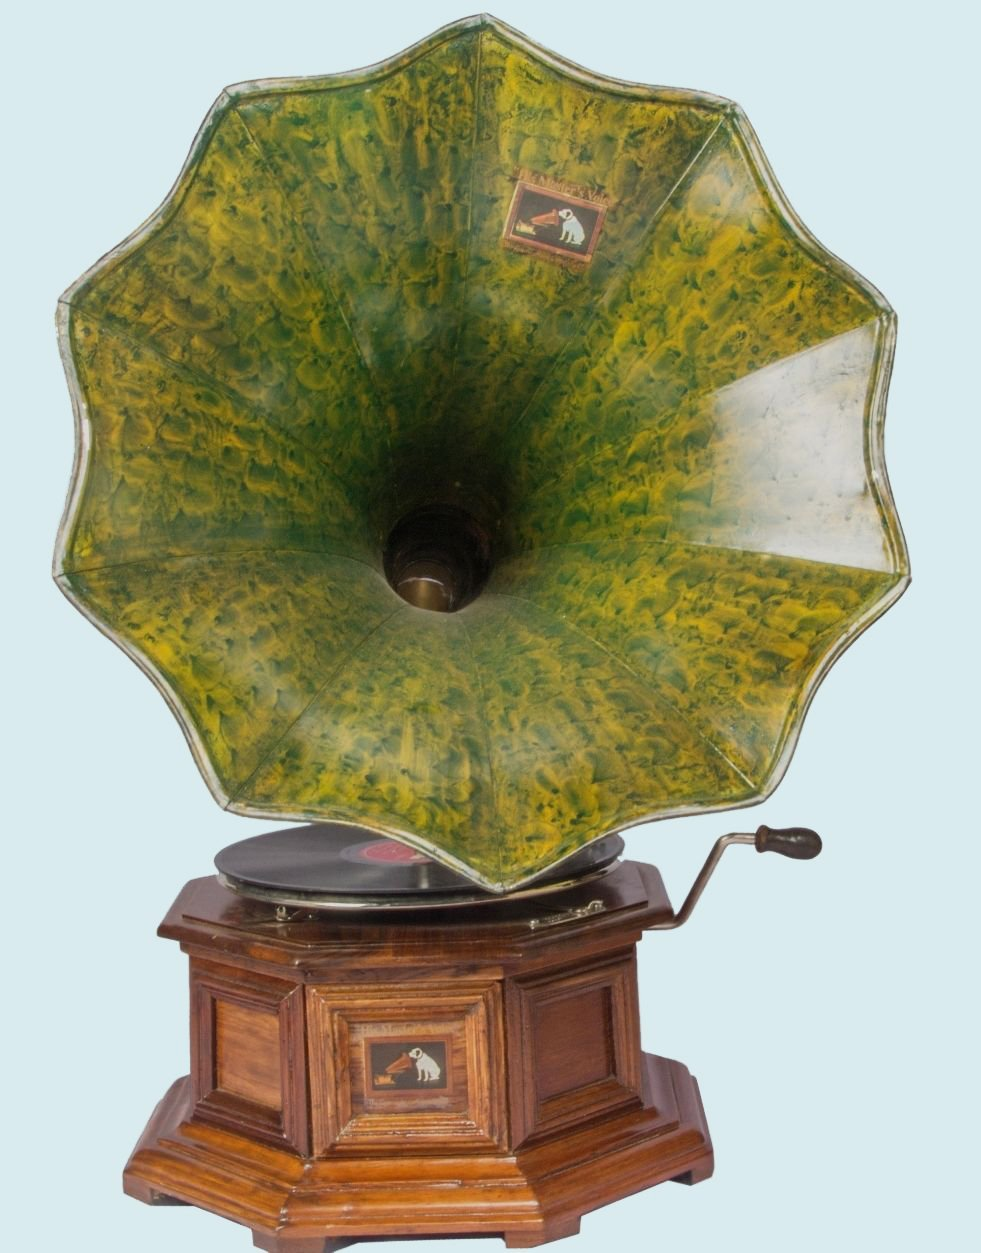 最も  骨董品世界アンティークマシンヴィンテージグリーンホーンHMV 09 90のGramaphoneの古い音楽ボックスPhonograph awusahb 09 B073SZ9JVL B073SZ9JVL, 防犯カメラ専門店 グッドアイズ:7814b104 --- mrplusfm.net